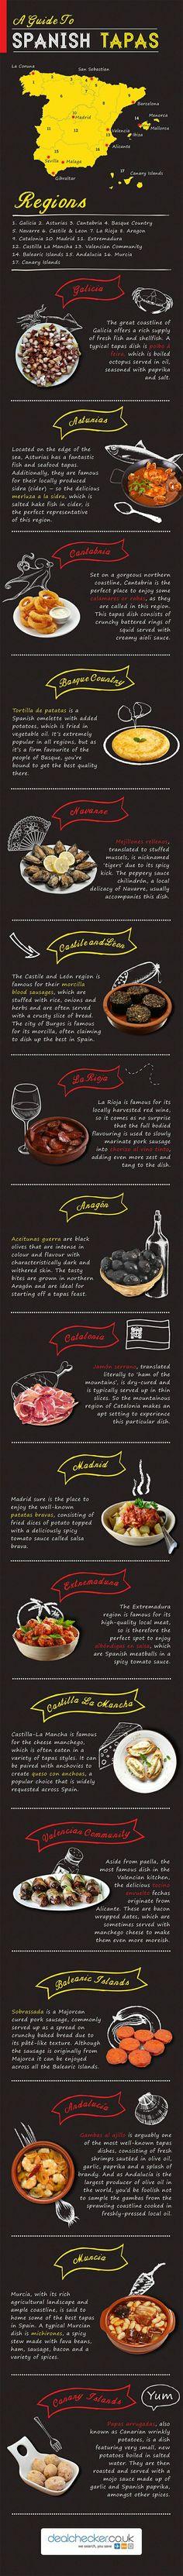 75 Paella Spanish Food Ideas Spanish Food Food Paella